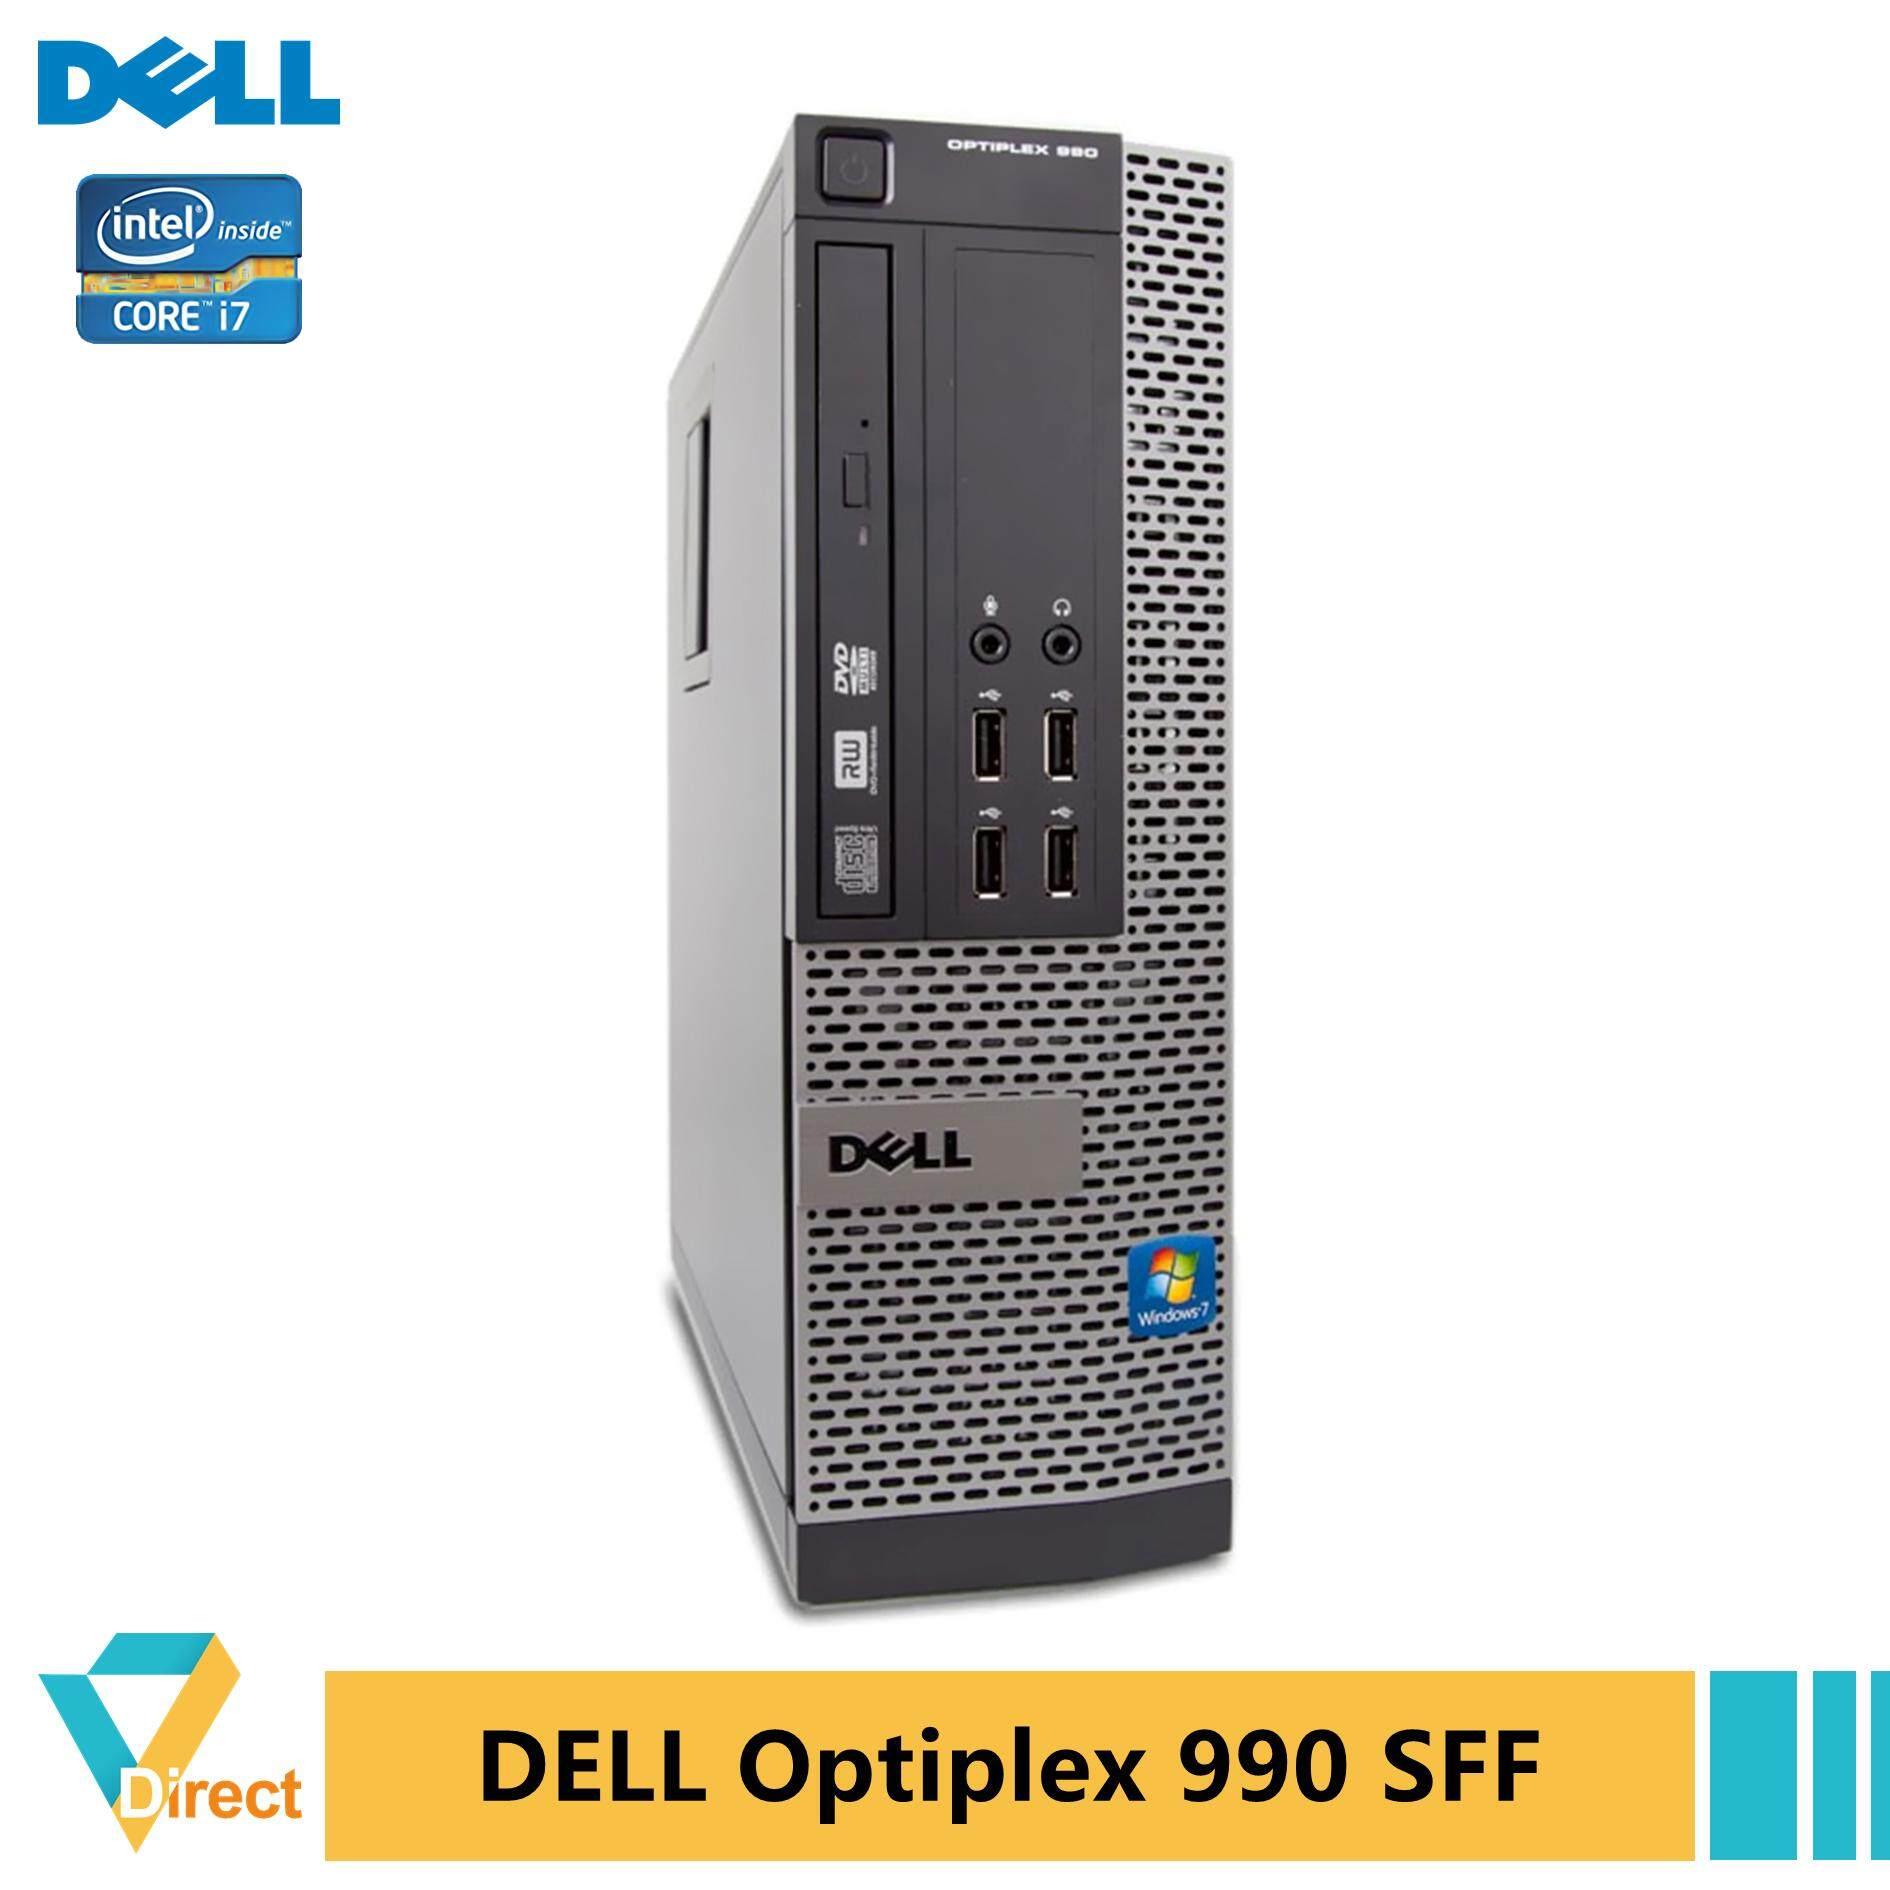 Core i7 8GB 240GB SSD Dell Optiplex 790 990 SFF desktop PC